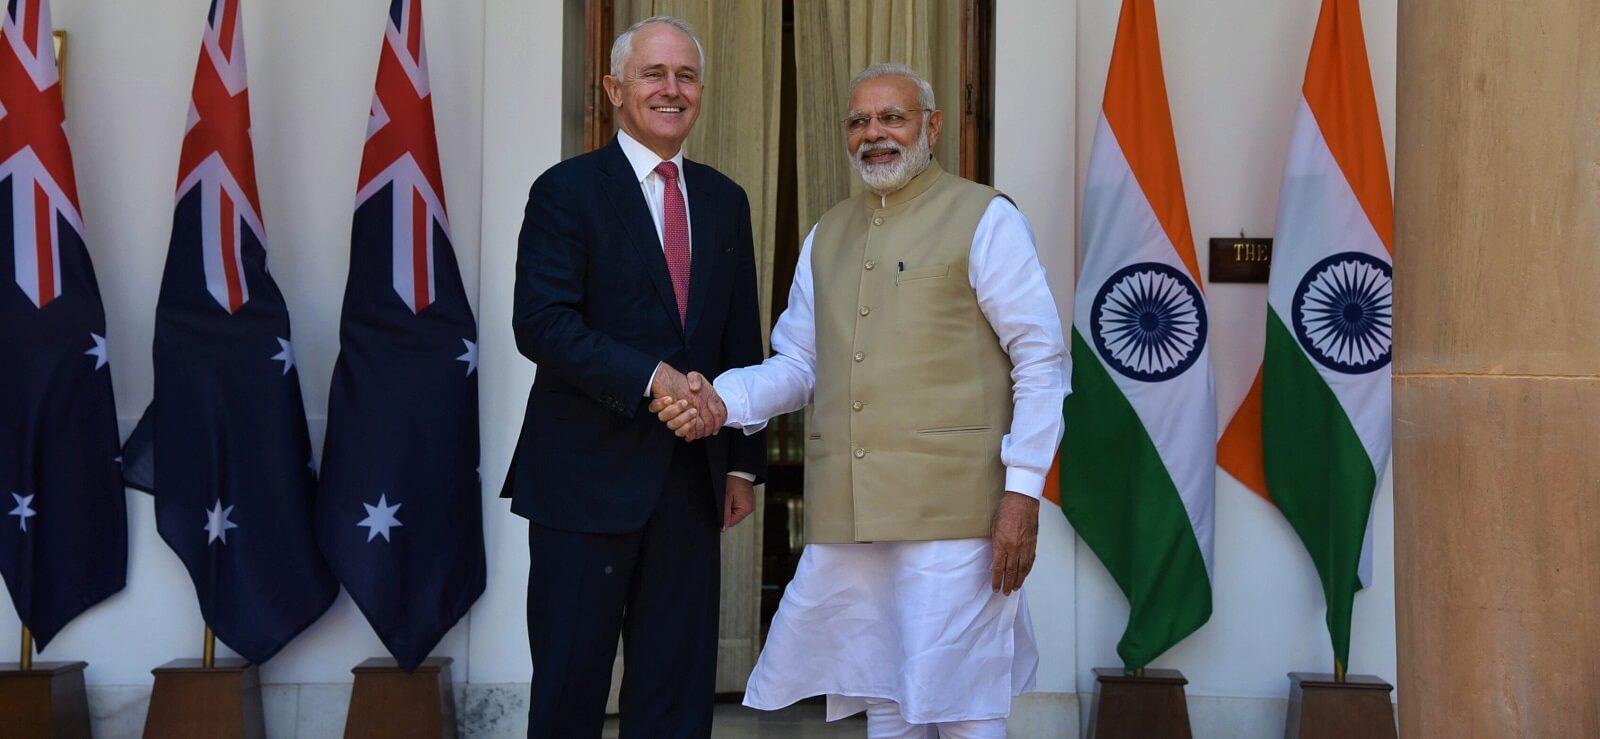 Thỏa thuận quân sự Úc – Ấn Độ: Liên minh tiềm năng đe dọa Trung Quốc - Ảnh 1.